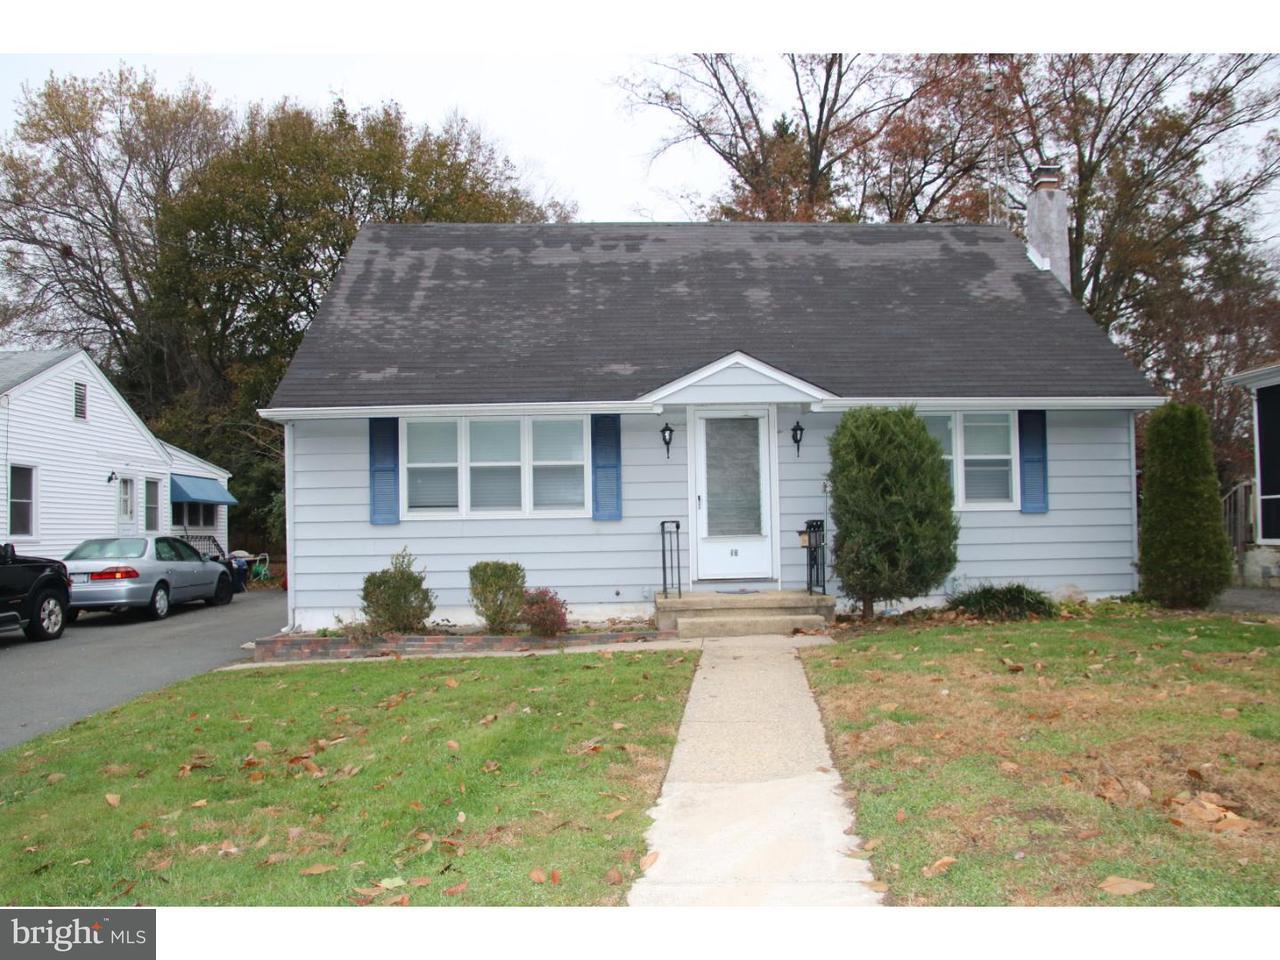 Частный односемейный дом для того Аренда на 18 STEINWAY Avenue Ewing, Нью-Джерси 08618 Соединенные ШтатыВ/Около: Ewing Township